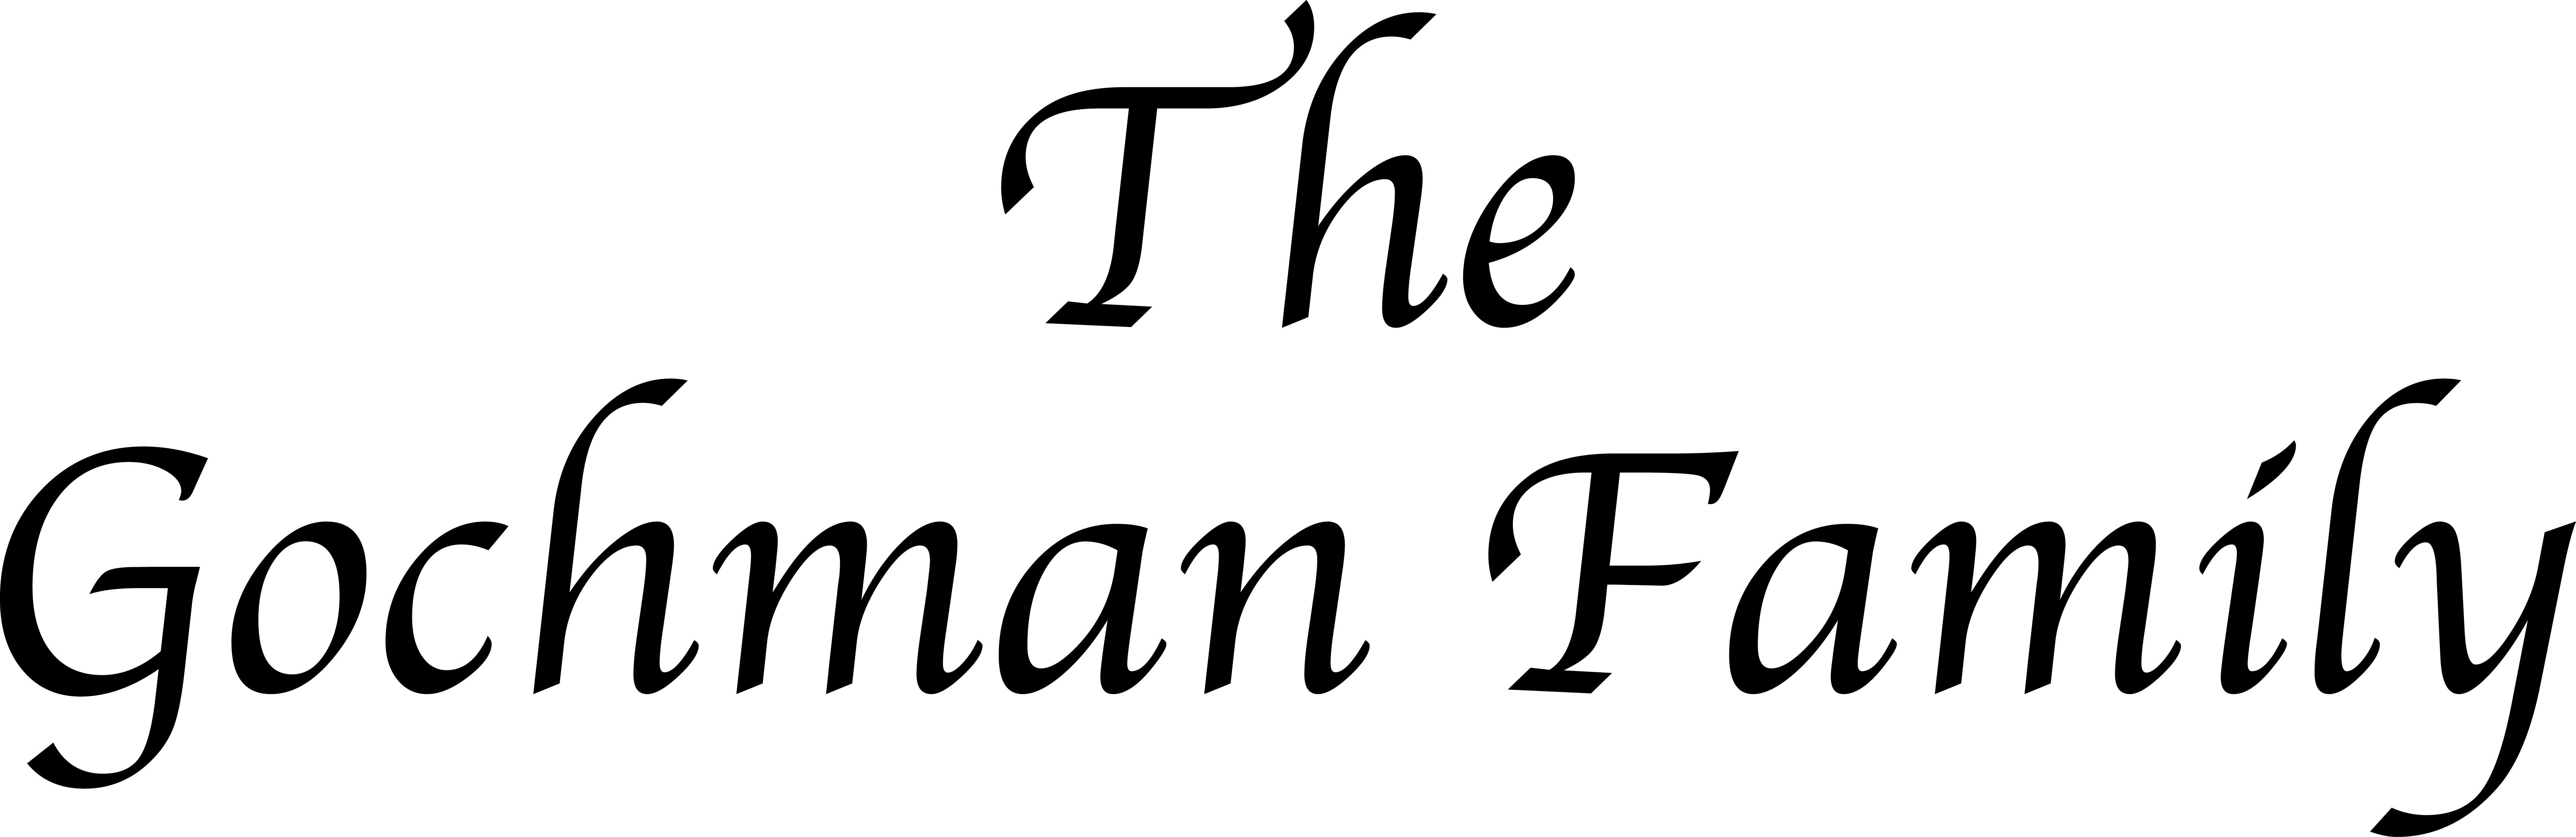 The Gochman Family